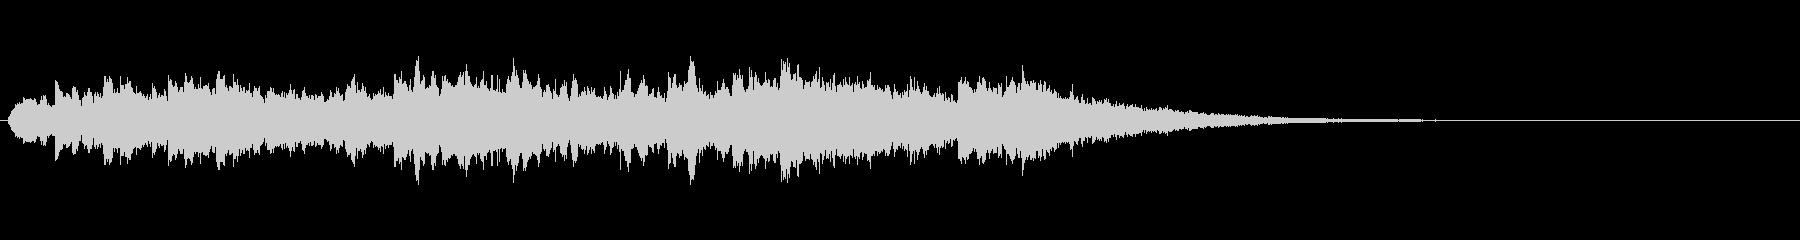 オーガニック系のシンセサウンドロゴの未再生の波形